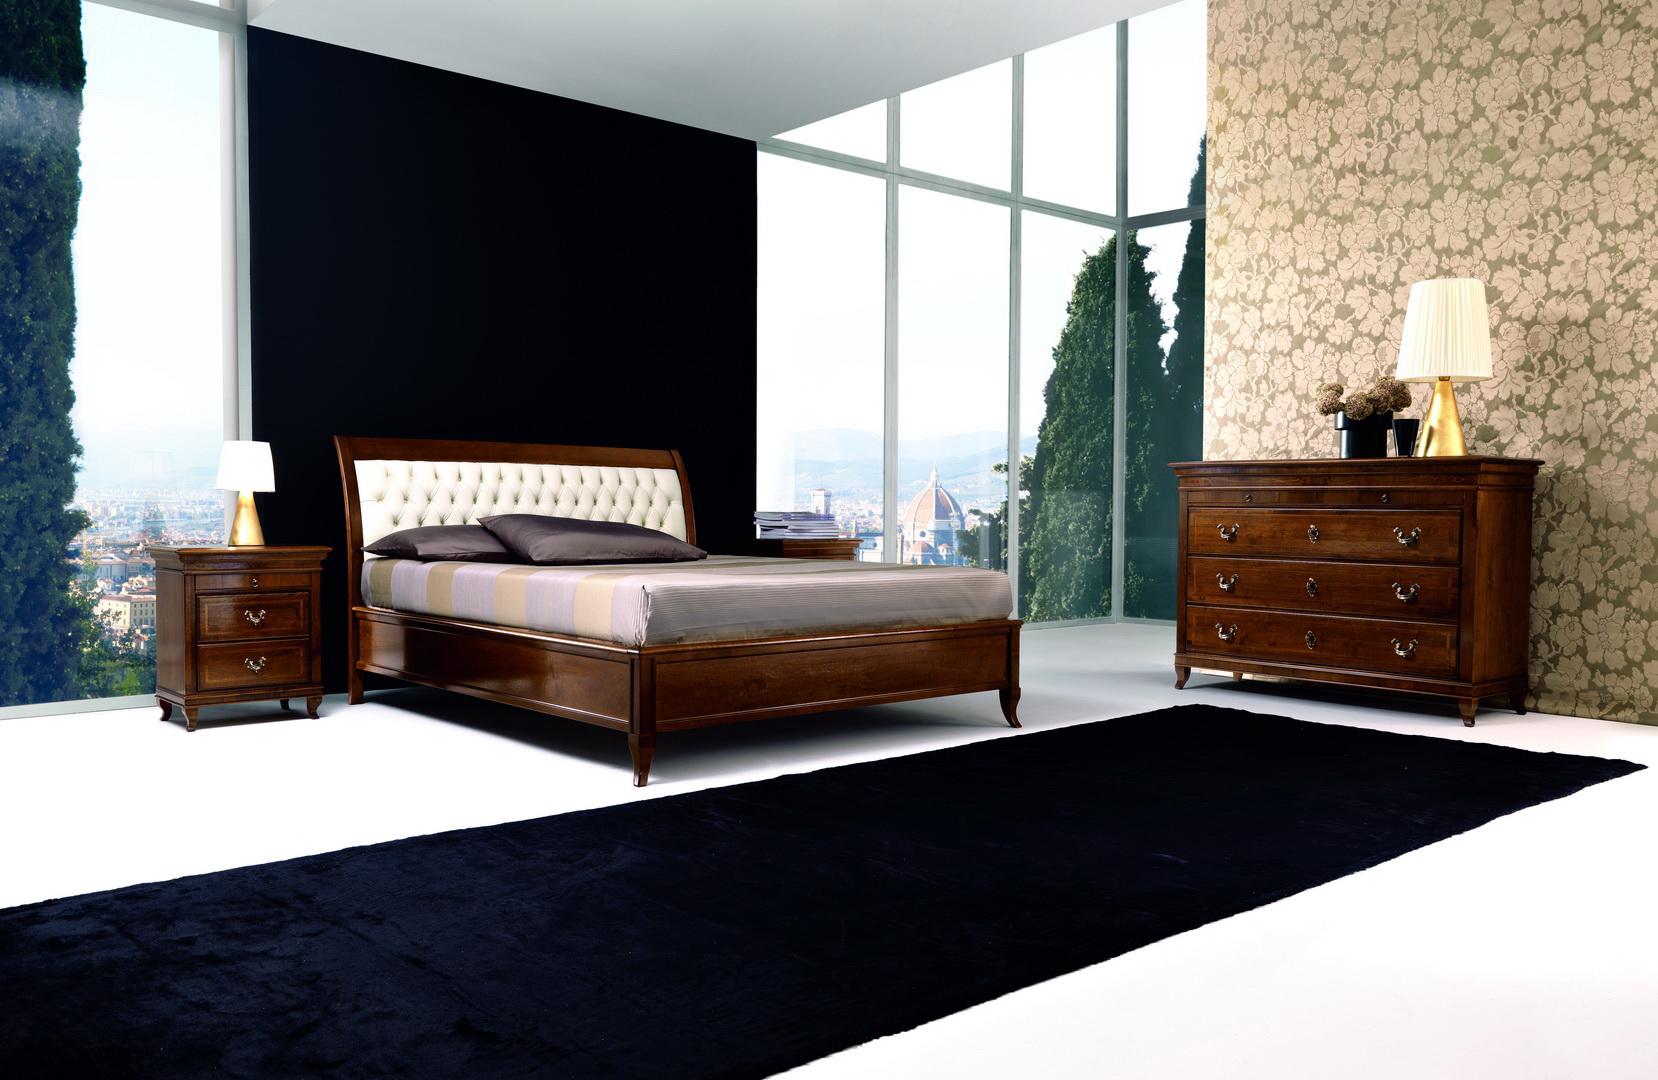 Camera da letto mm10014 c4 home arredamenti cosenza for C4 arredamenti